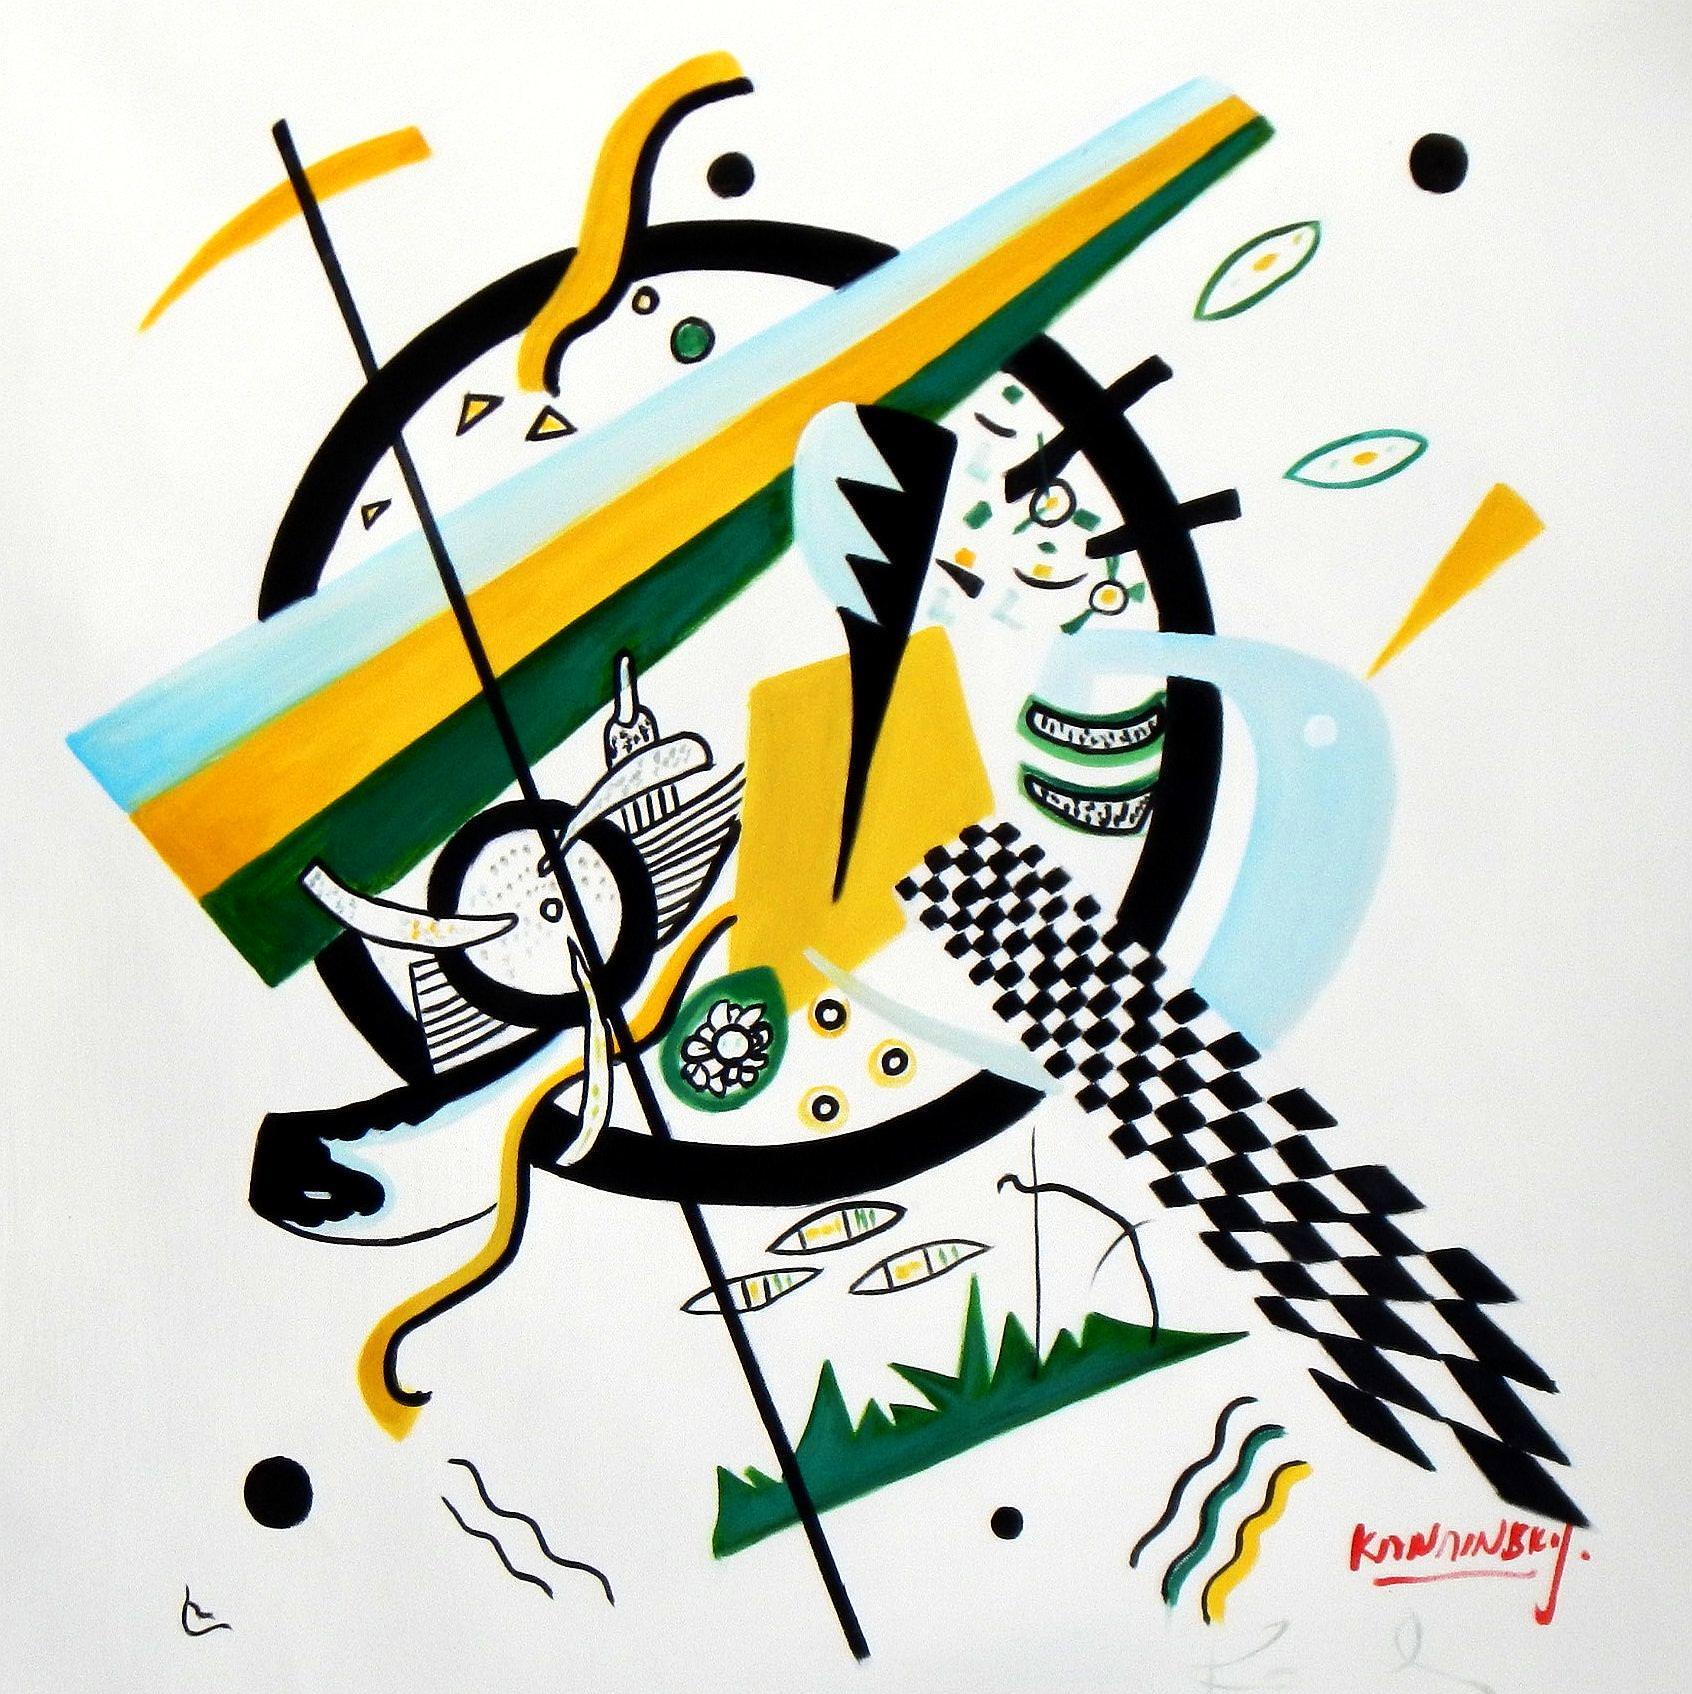 Wassily Kandinsky - Kleine Welten e93971 60x60cm exquisites Gemälde